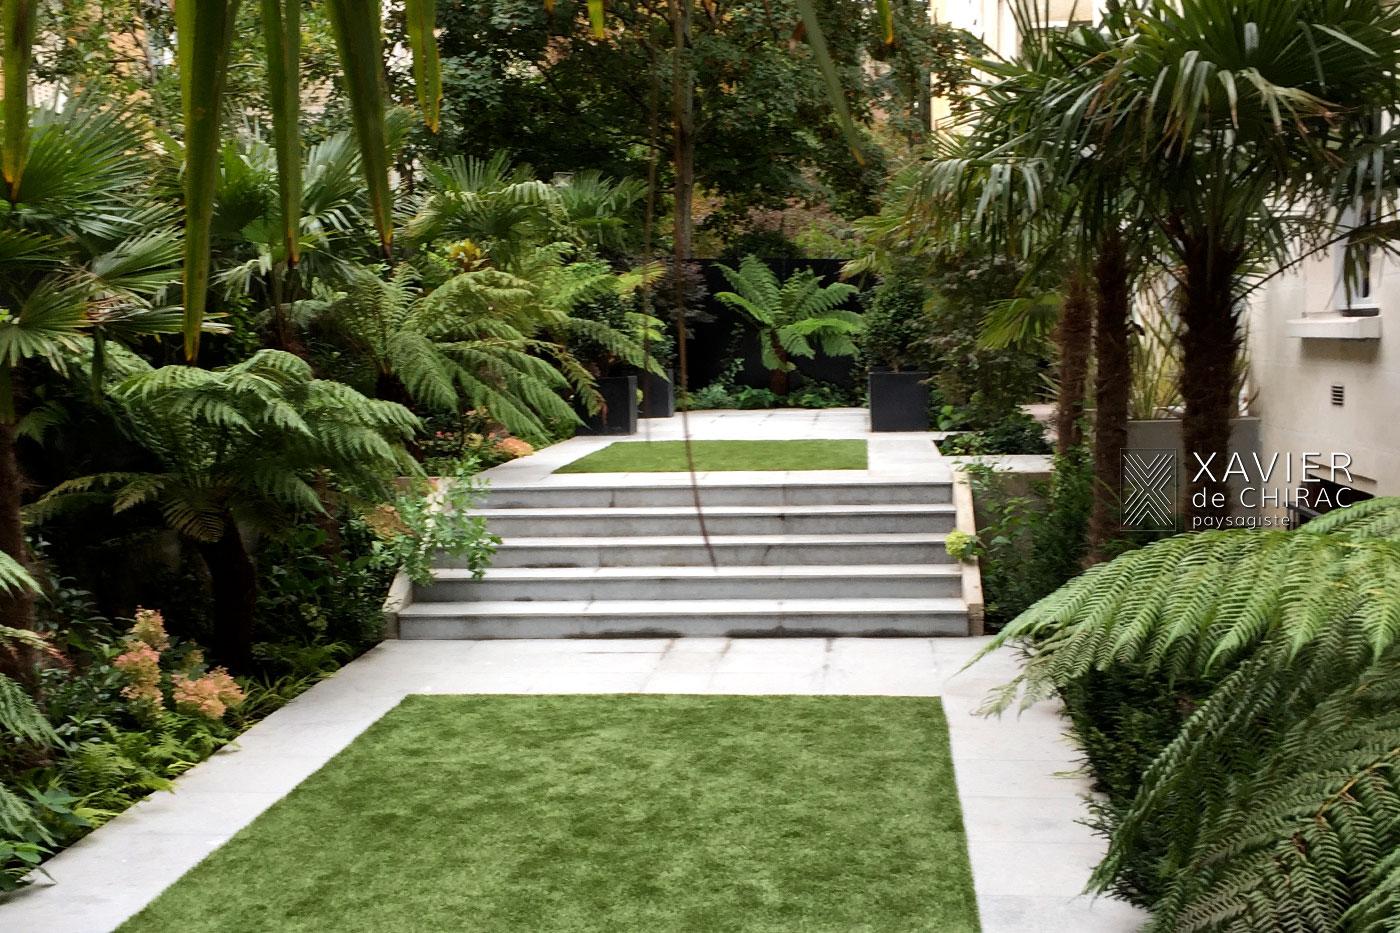 jardin des plantes exotiques xavier de chirac paysagiste